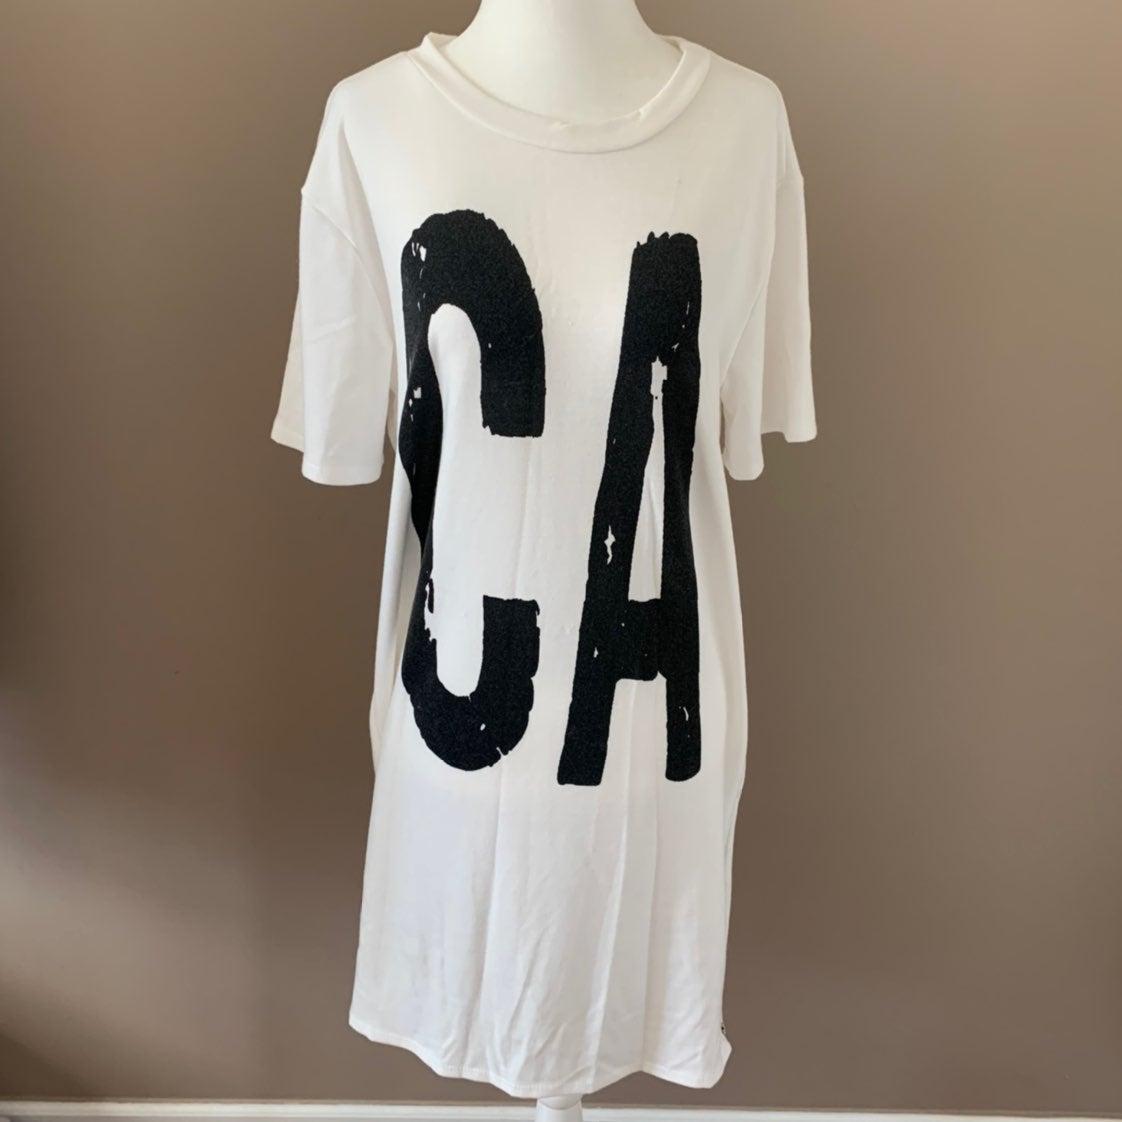 California tshirt dress